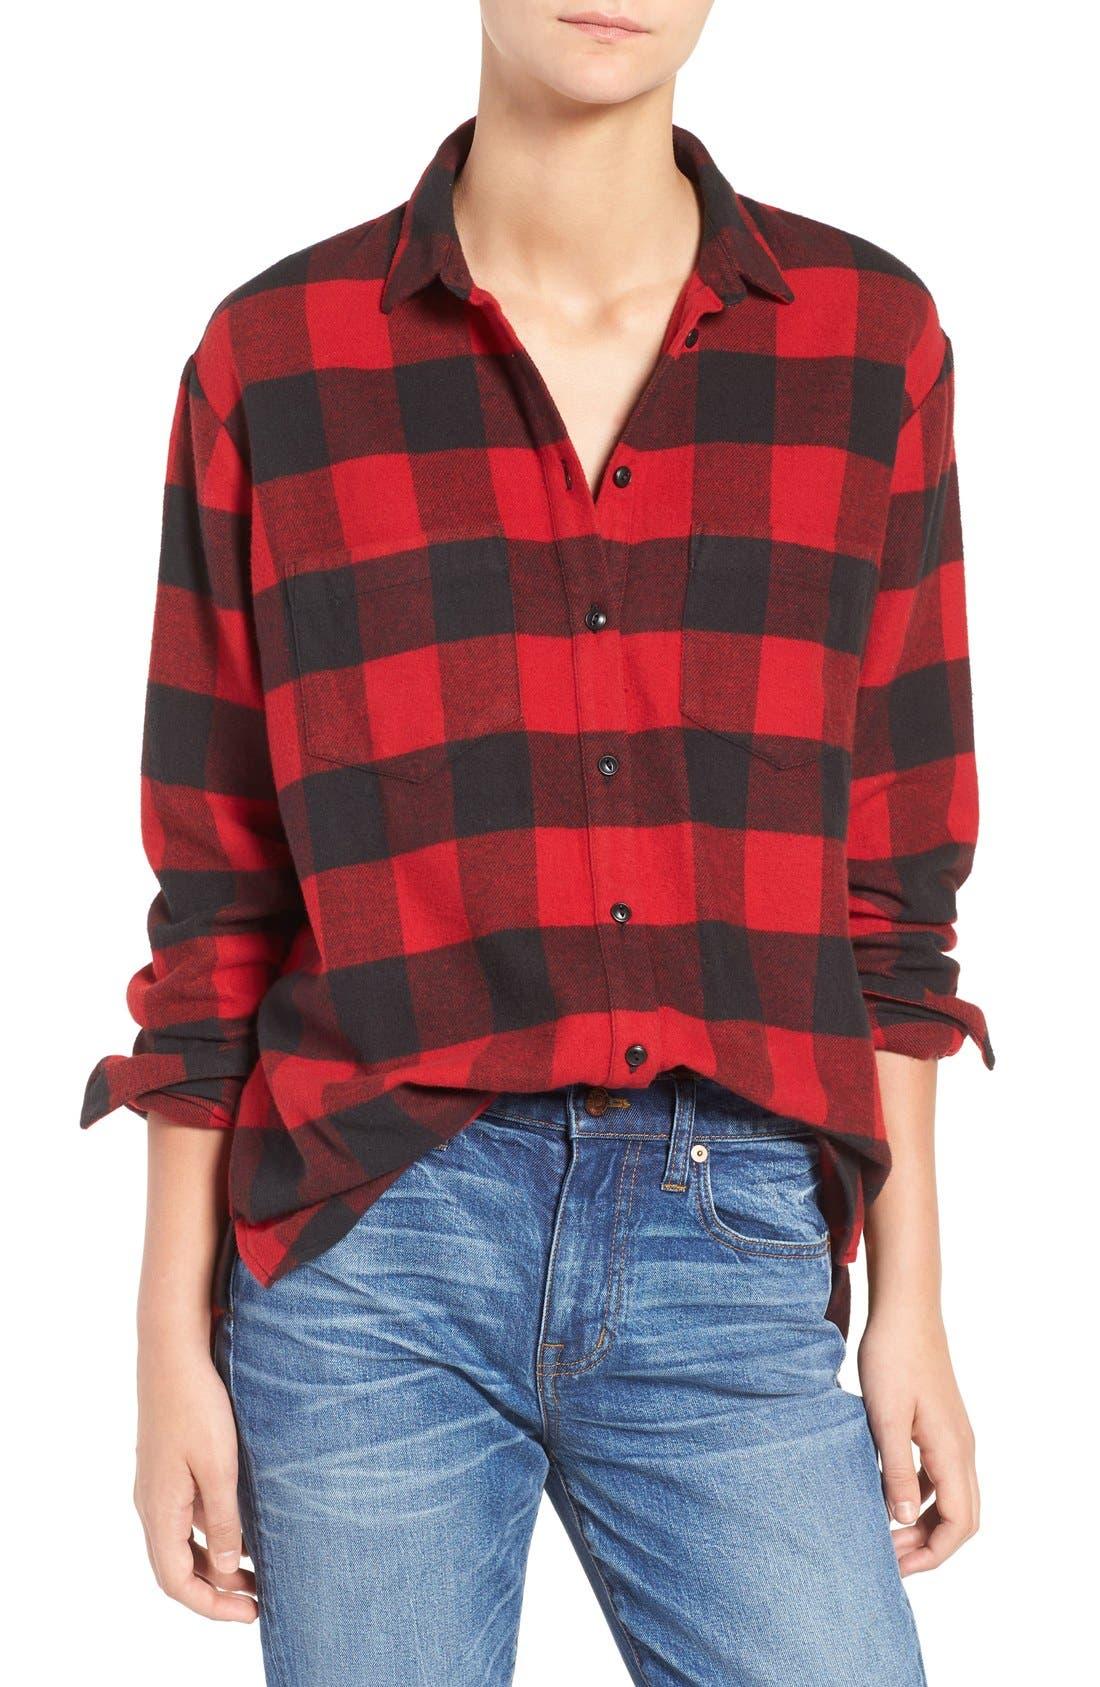 Madewell Ex-Boyfriend Oversize Boyfriend Shirt